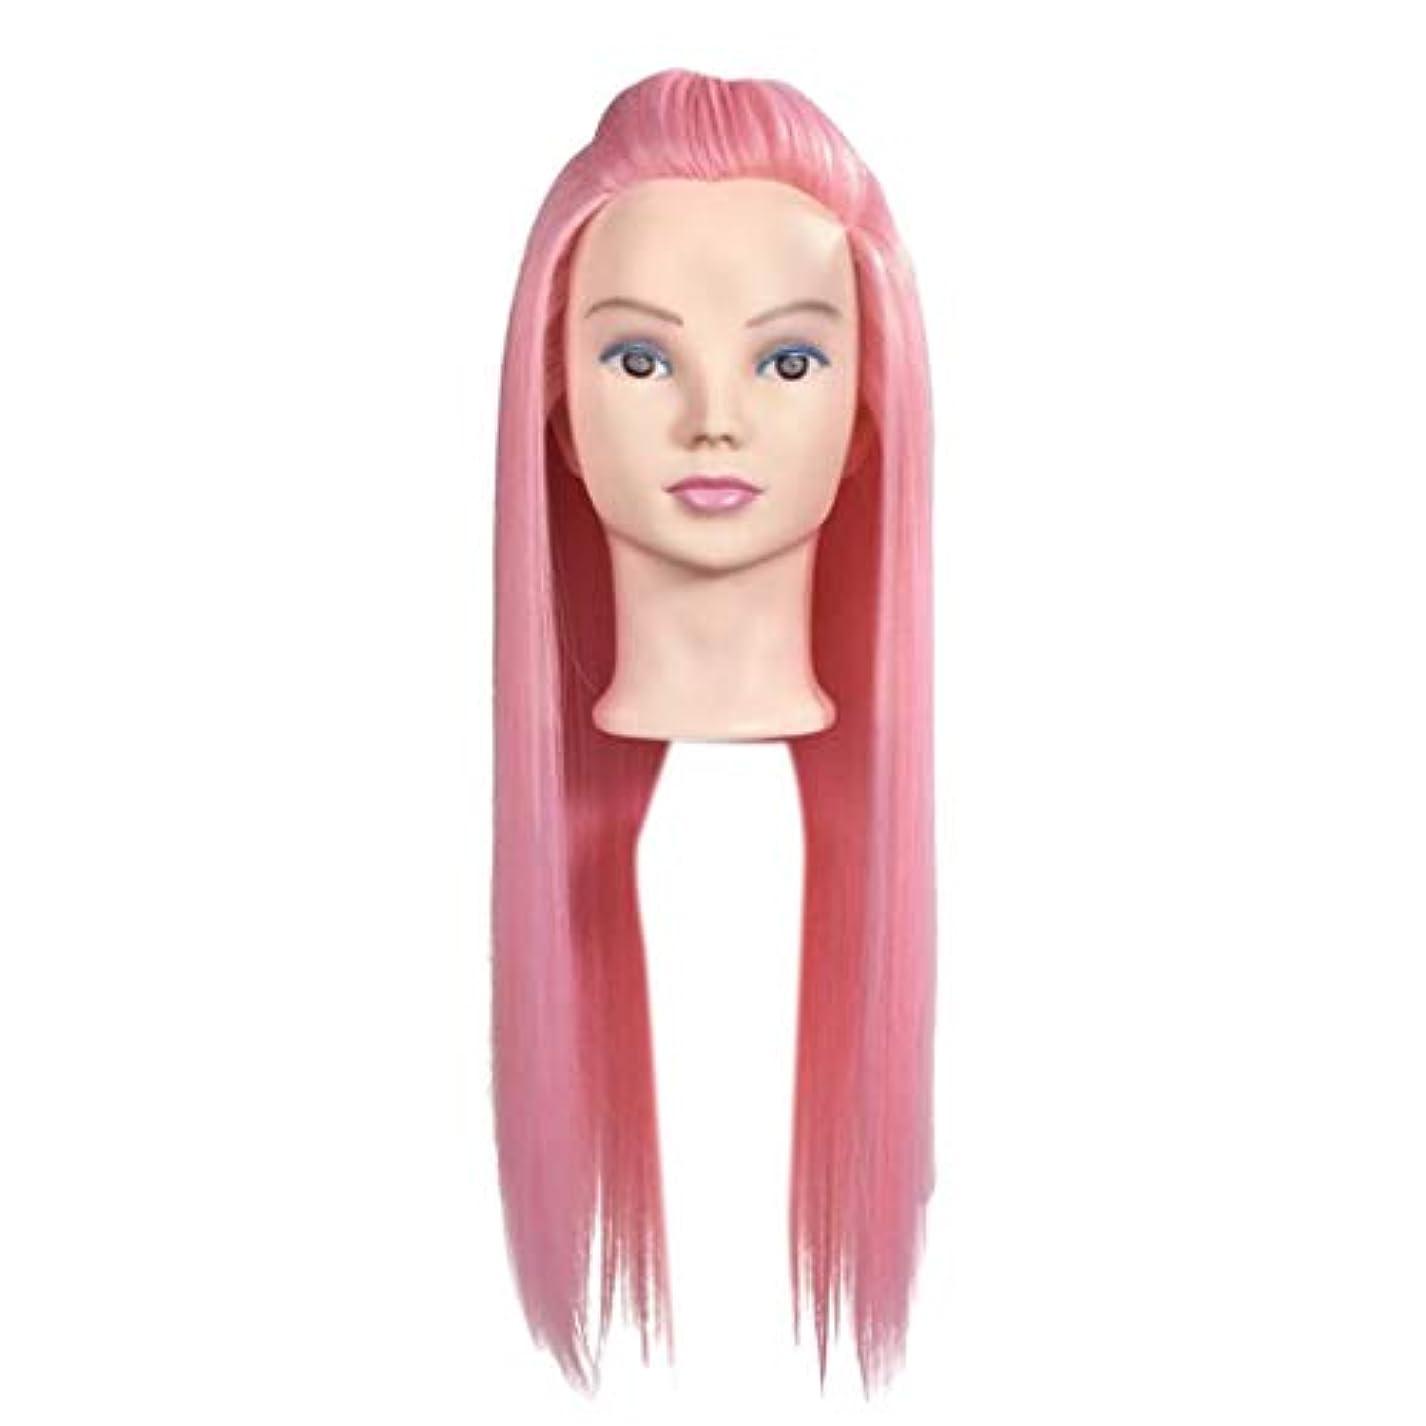 食堂原子知人Toygogo 23インチピンク美容化粧顔マネキンマネキンヘッド髪、サロンスタイリング練習組紐人形頭合成髪